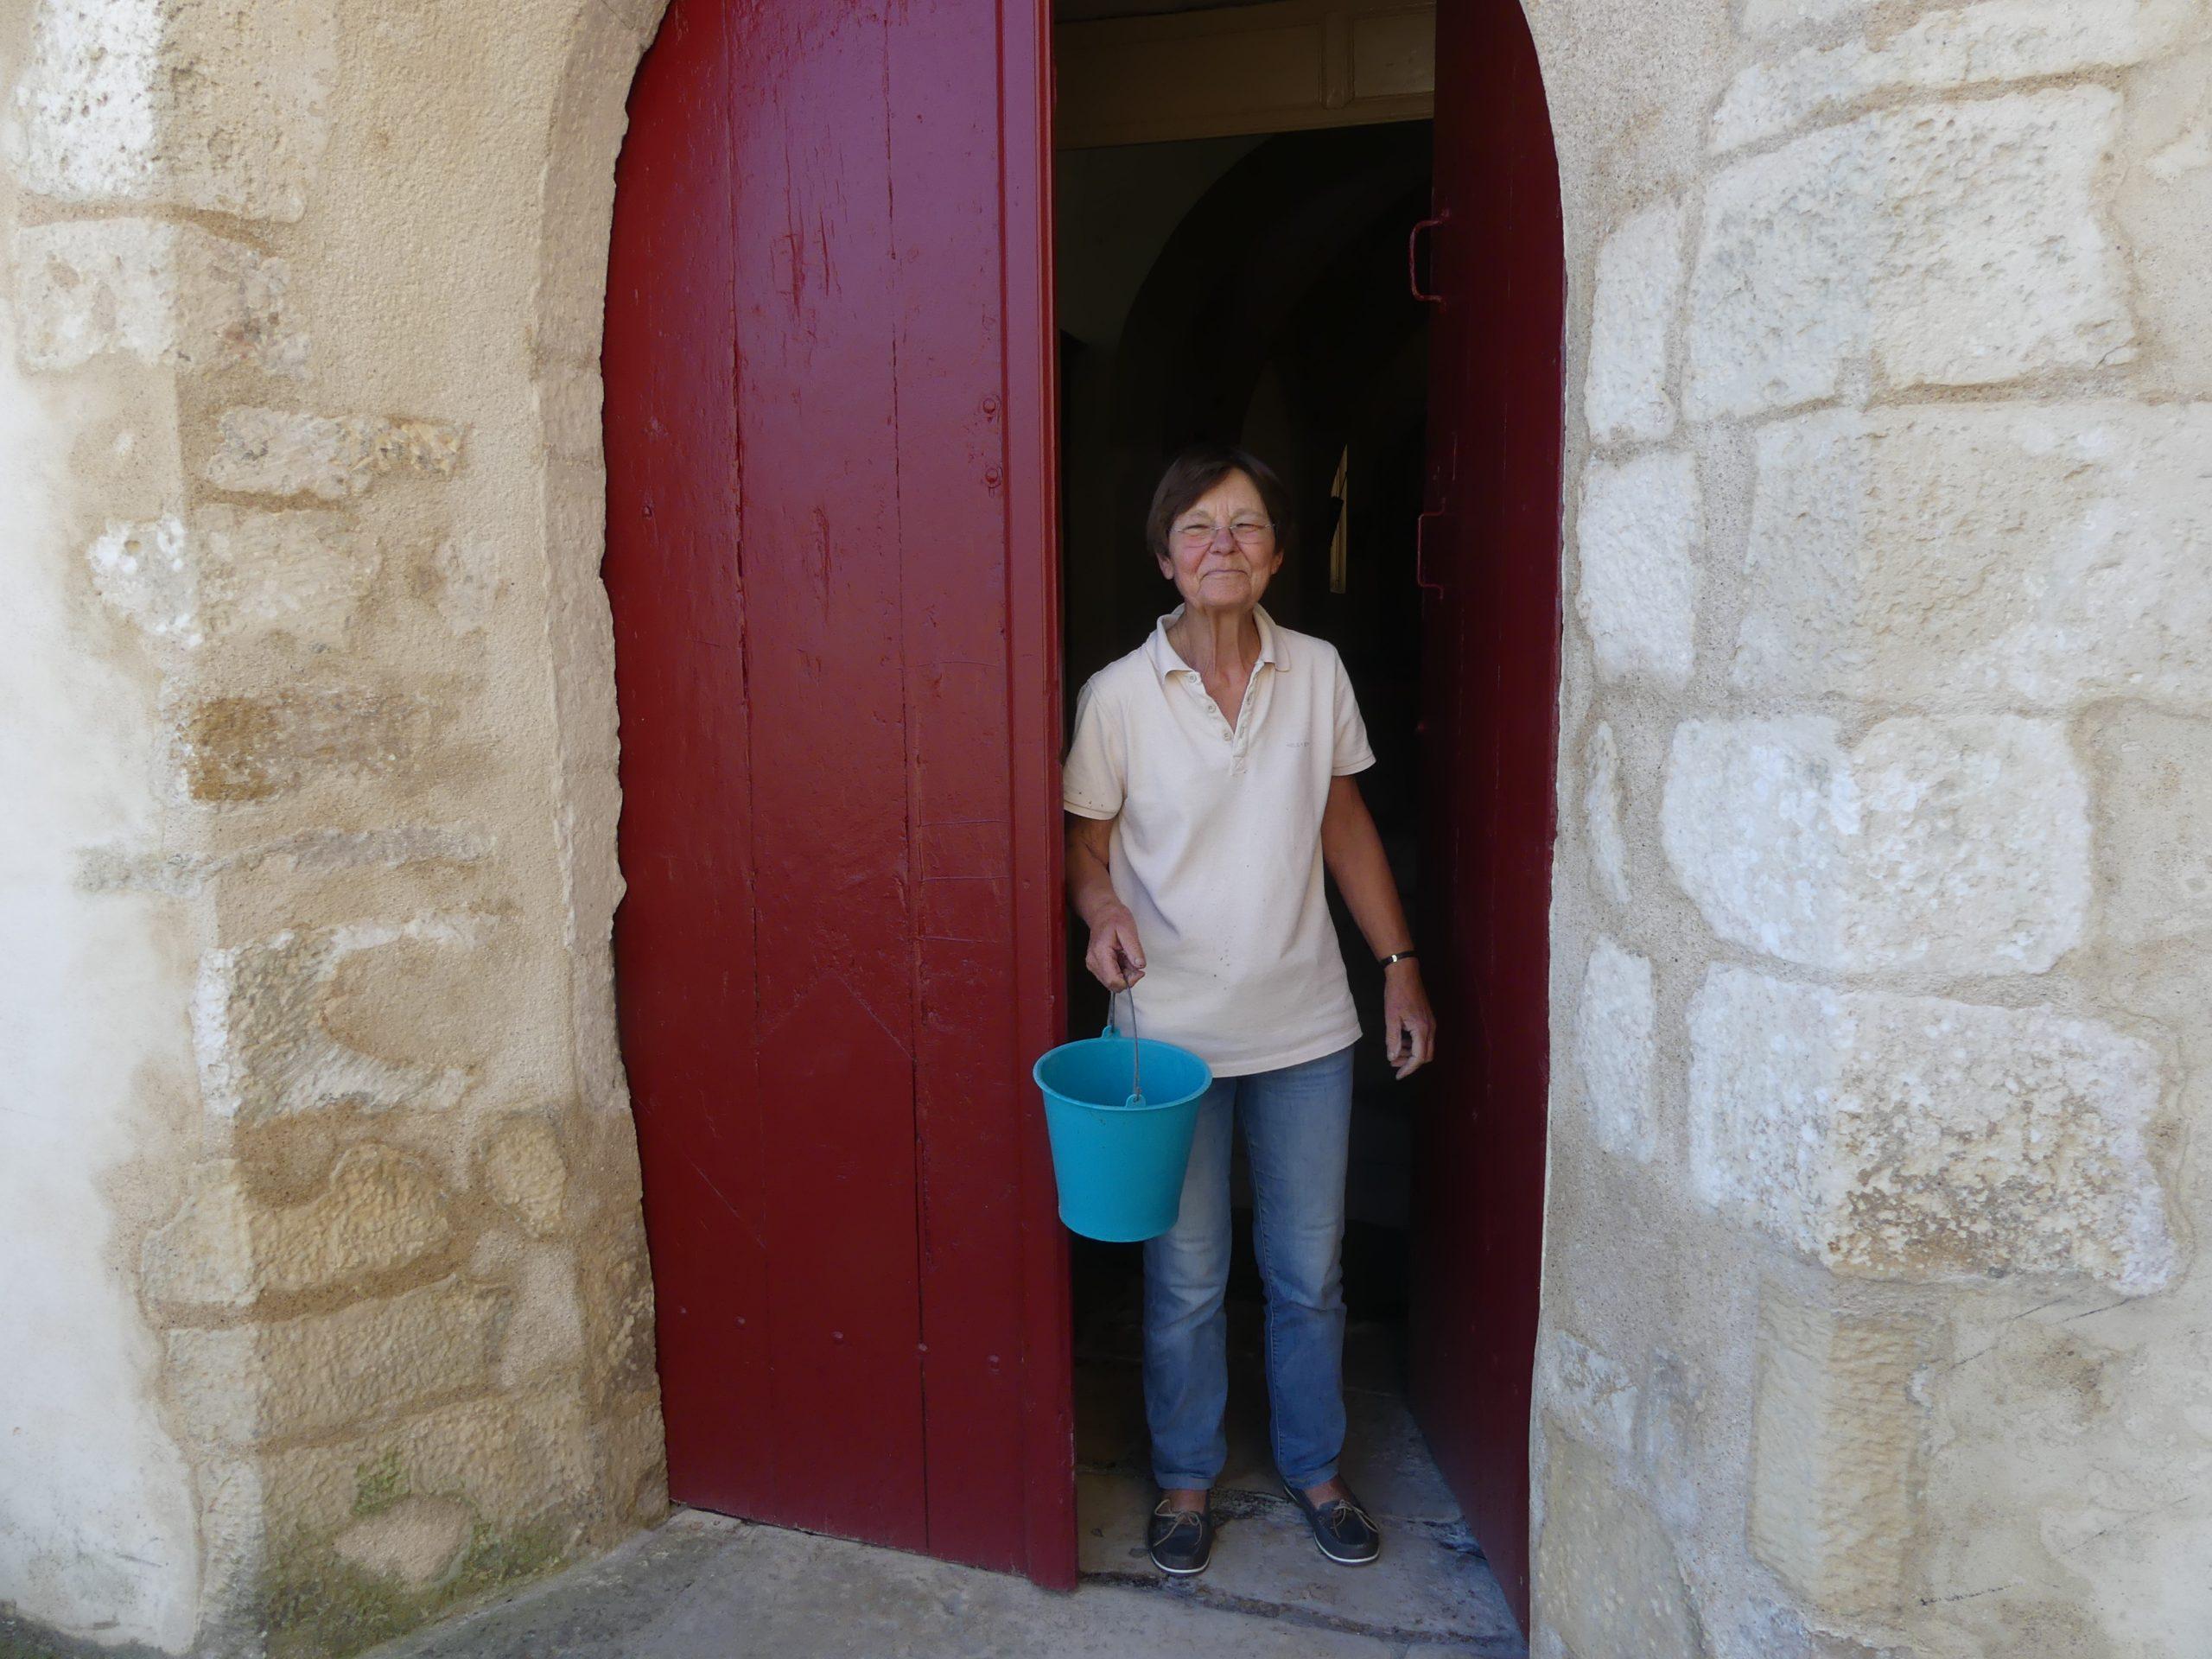 Ars-en-Ré - Eglise - Ménage - 18 juin 2020